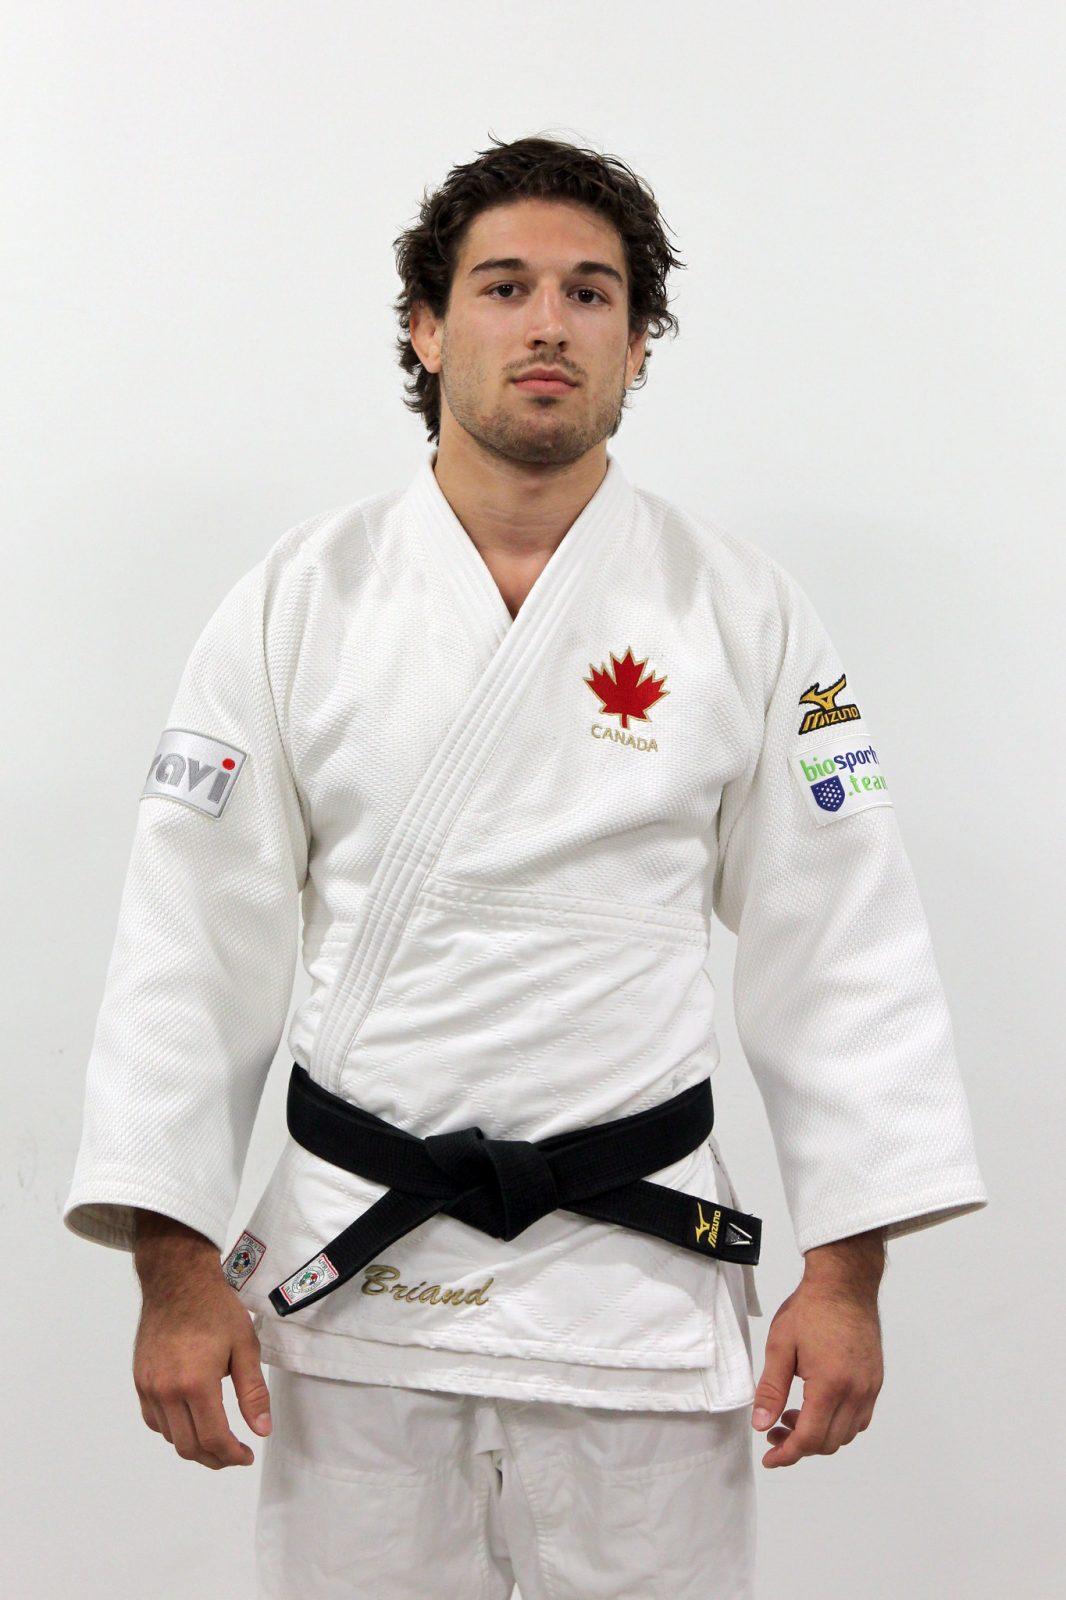 Étienne Briand reçoit 4 000 $ de la Fondation de l'athlète d'excellence